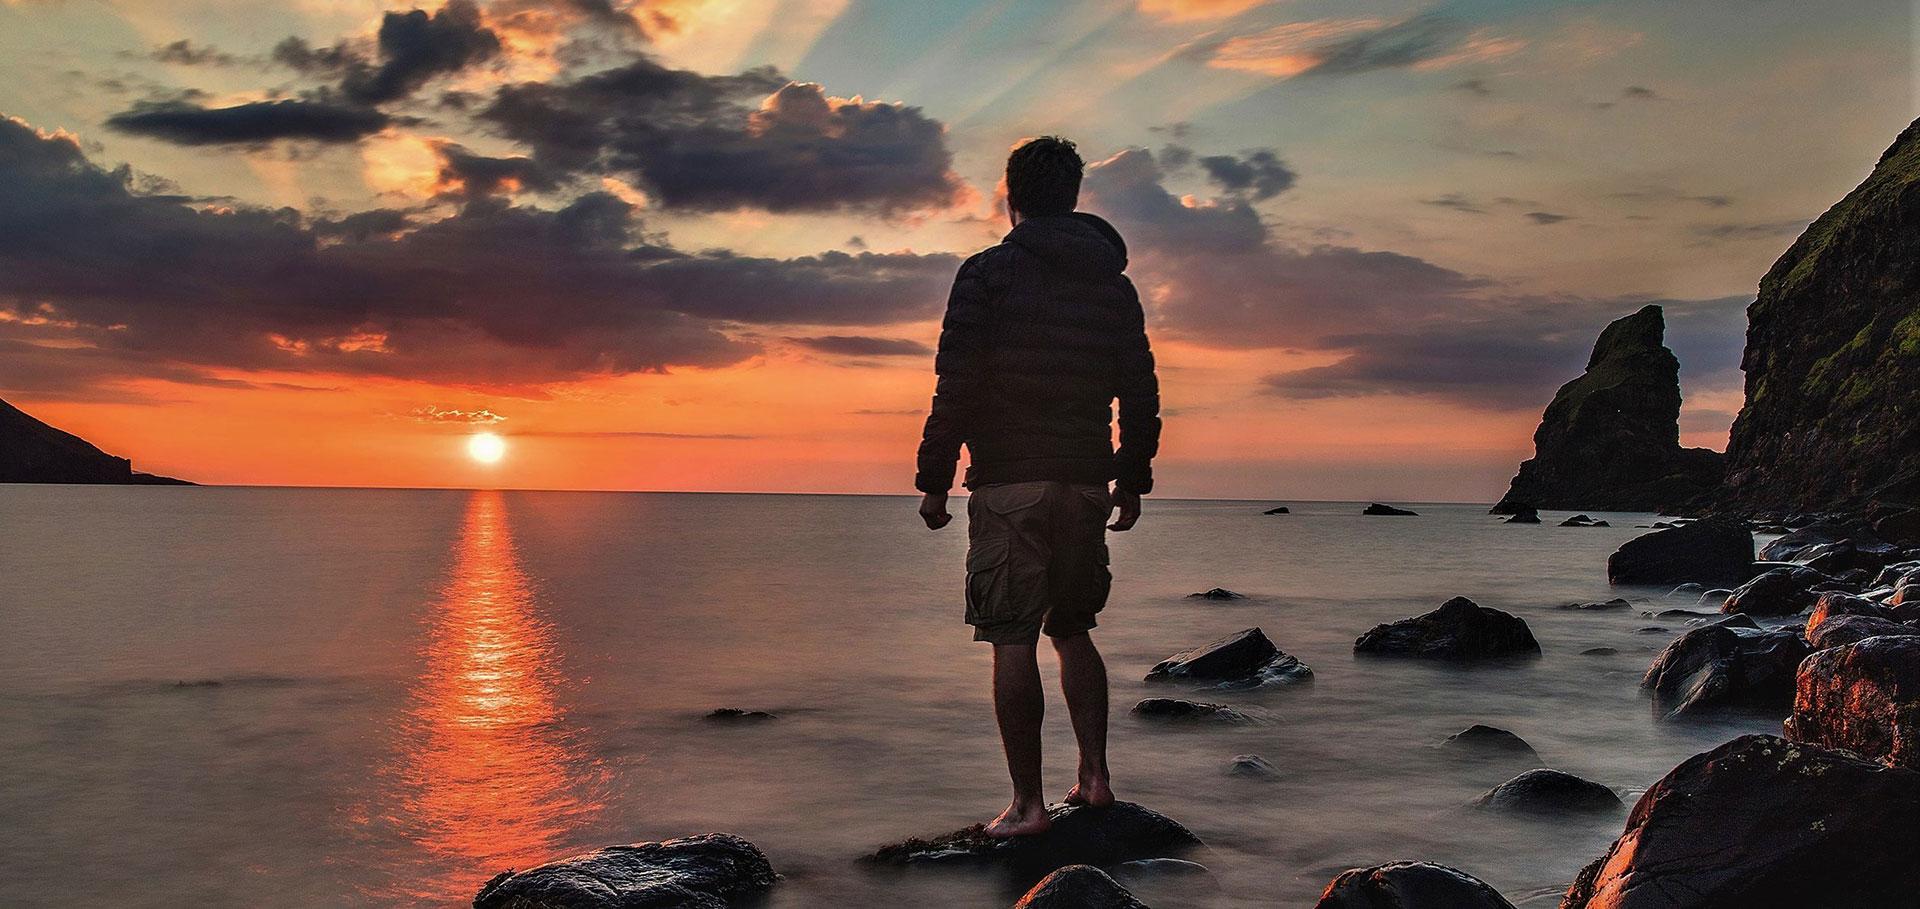 tramonto emozionale al mare uomo esplorazione e natura